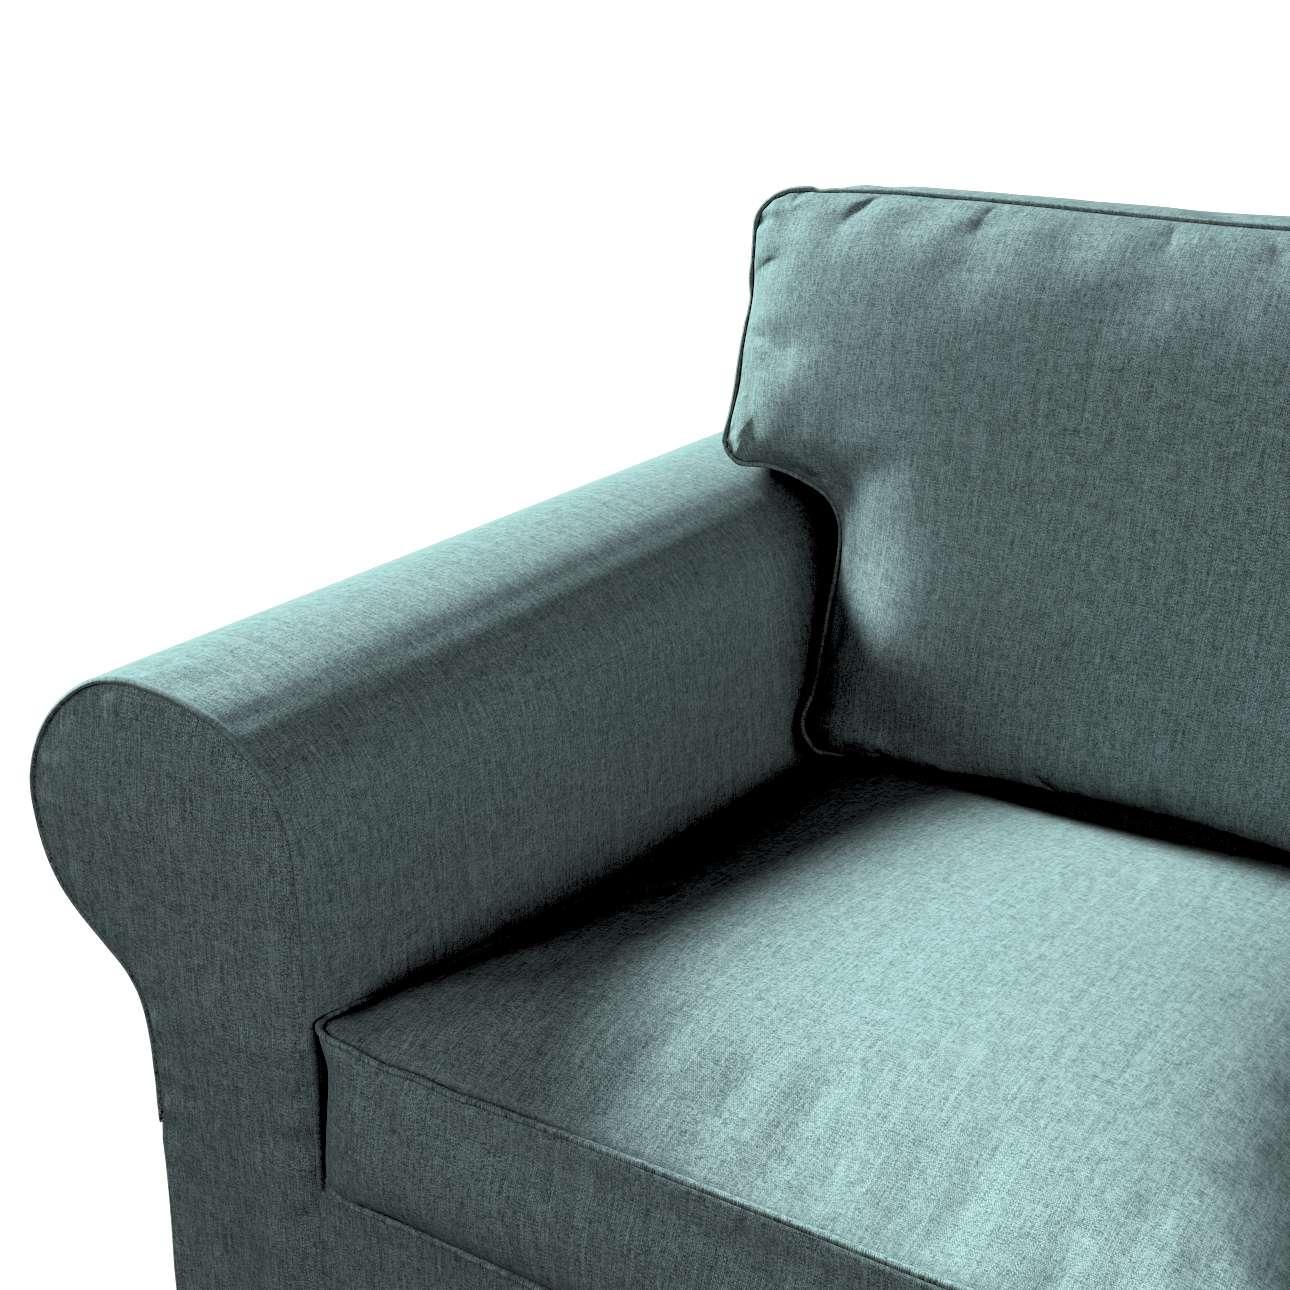 Poťah na sedačku Ektorp (rozkladacia, pre 2 osoby) STARÝ MODEL V kolekcii City, tkanina: 704-85